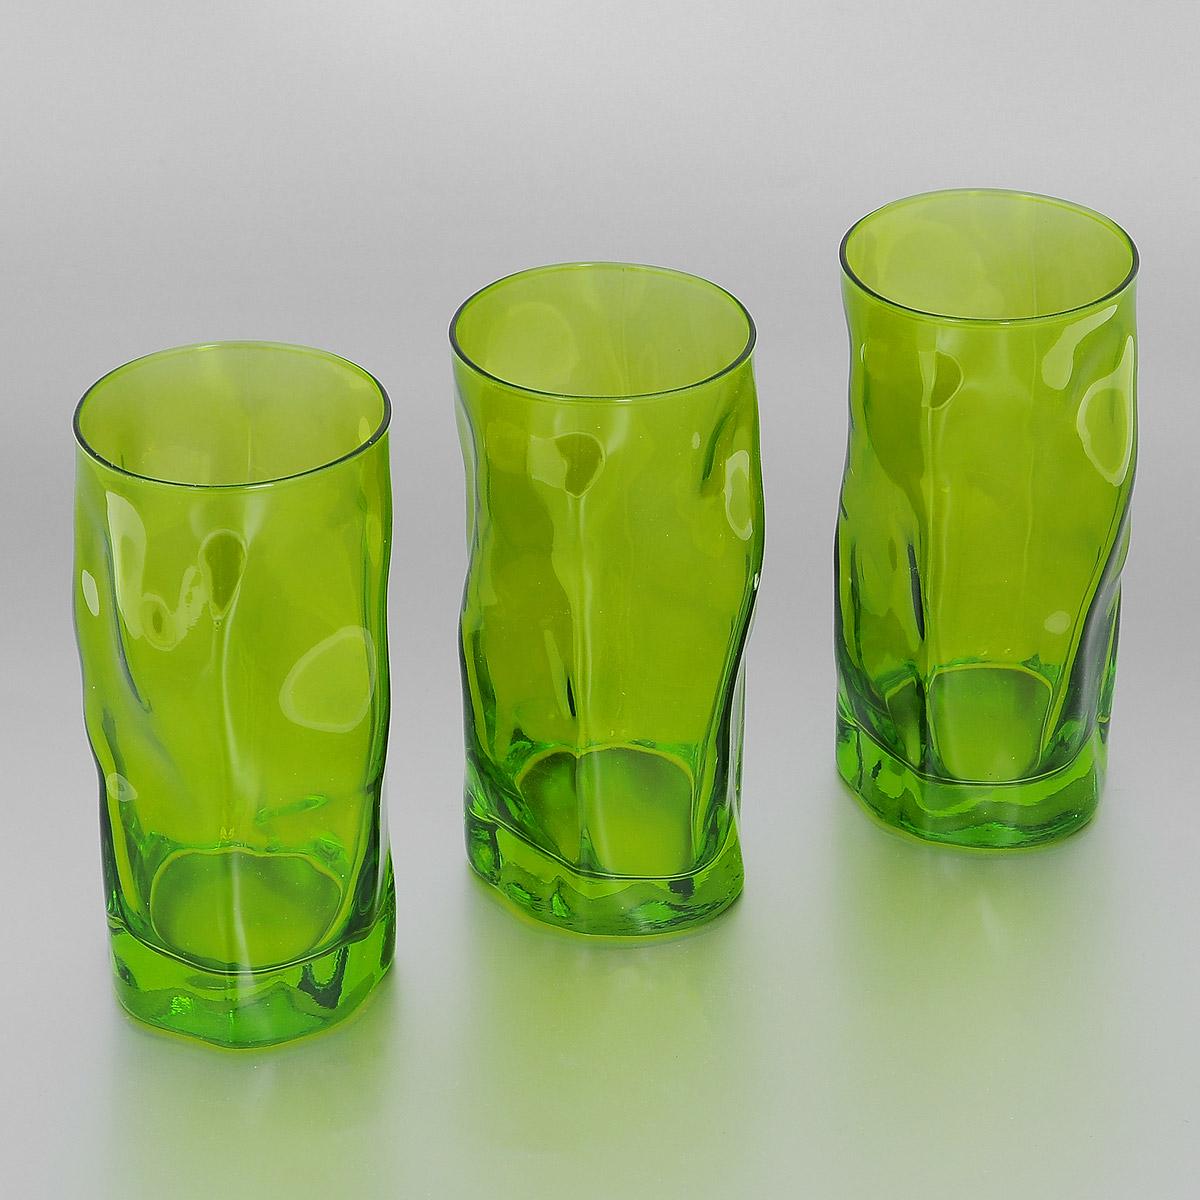 Набор стаканов Bormioli Rocco Sorgente Multicolor, цвет: зеленый, 460 мл, 3 штVT-1520(SR)Набор Bormioli Rocco Sorgente Multicolor, выполненный из стекла, состоит из 3 высоких стаканов. Стаканы предназначены для подачи холодных напитков. Изделия имеют оригинальный дизайн и толстое дно. Благодаря такому набору пить напитки будет еще вкуснее.Стаканы Bormioli Rocco Sorgente Multicolor станут идеальным украшением праздничного стола и отличным подарком к любому празднику. С 1825 года компания Bormioli Rocco производит высококачественную посуду из стекла. На сегодняшний день это мировой лидер на рынке производства стеклянных изделий. Ассортимент, предлагаемый Bormioli Rocco необычайно широк - это бокалы, фужеры, рюмки, графины, кувшины, банки для сыпучих продуктов и консервирования, тарелки, салатники, чашки, контейнеры различных емкостей, предназначенные для хранения продуктов в холодильниках и морозильных камерах и т.д. Стекло сочетает в себе передовые технологии и традиционно высокое качество.